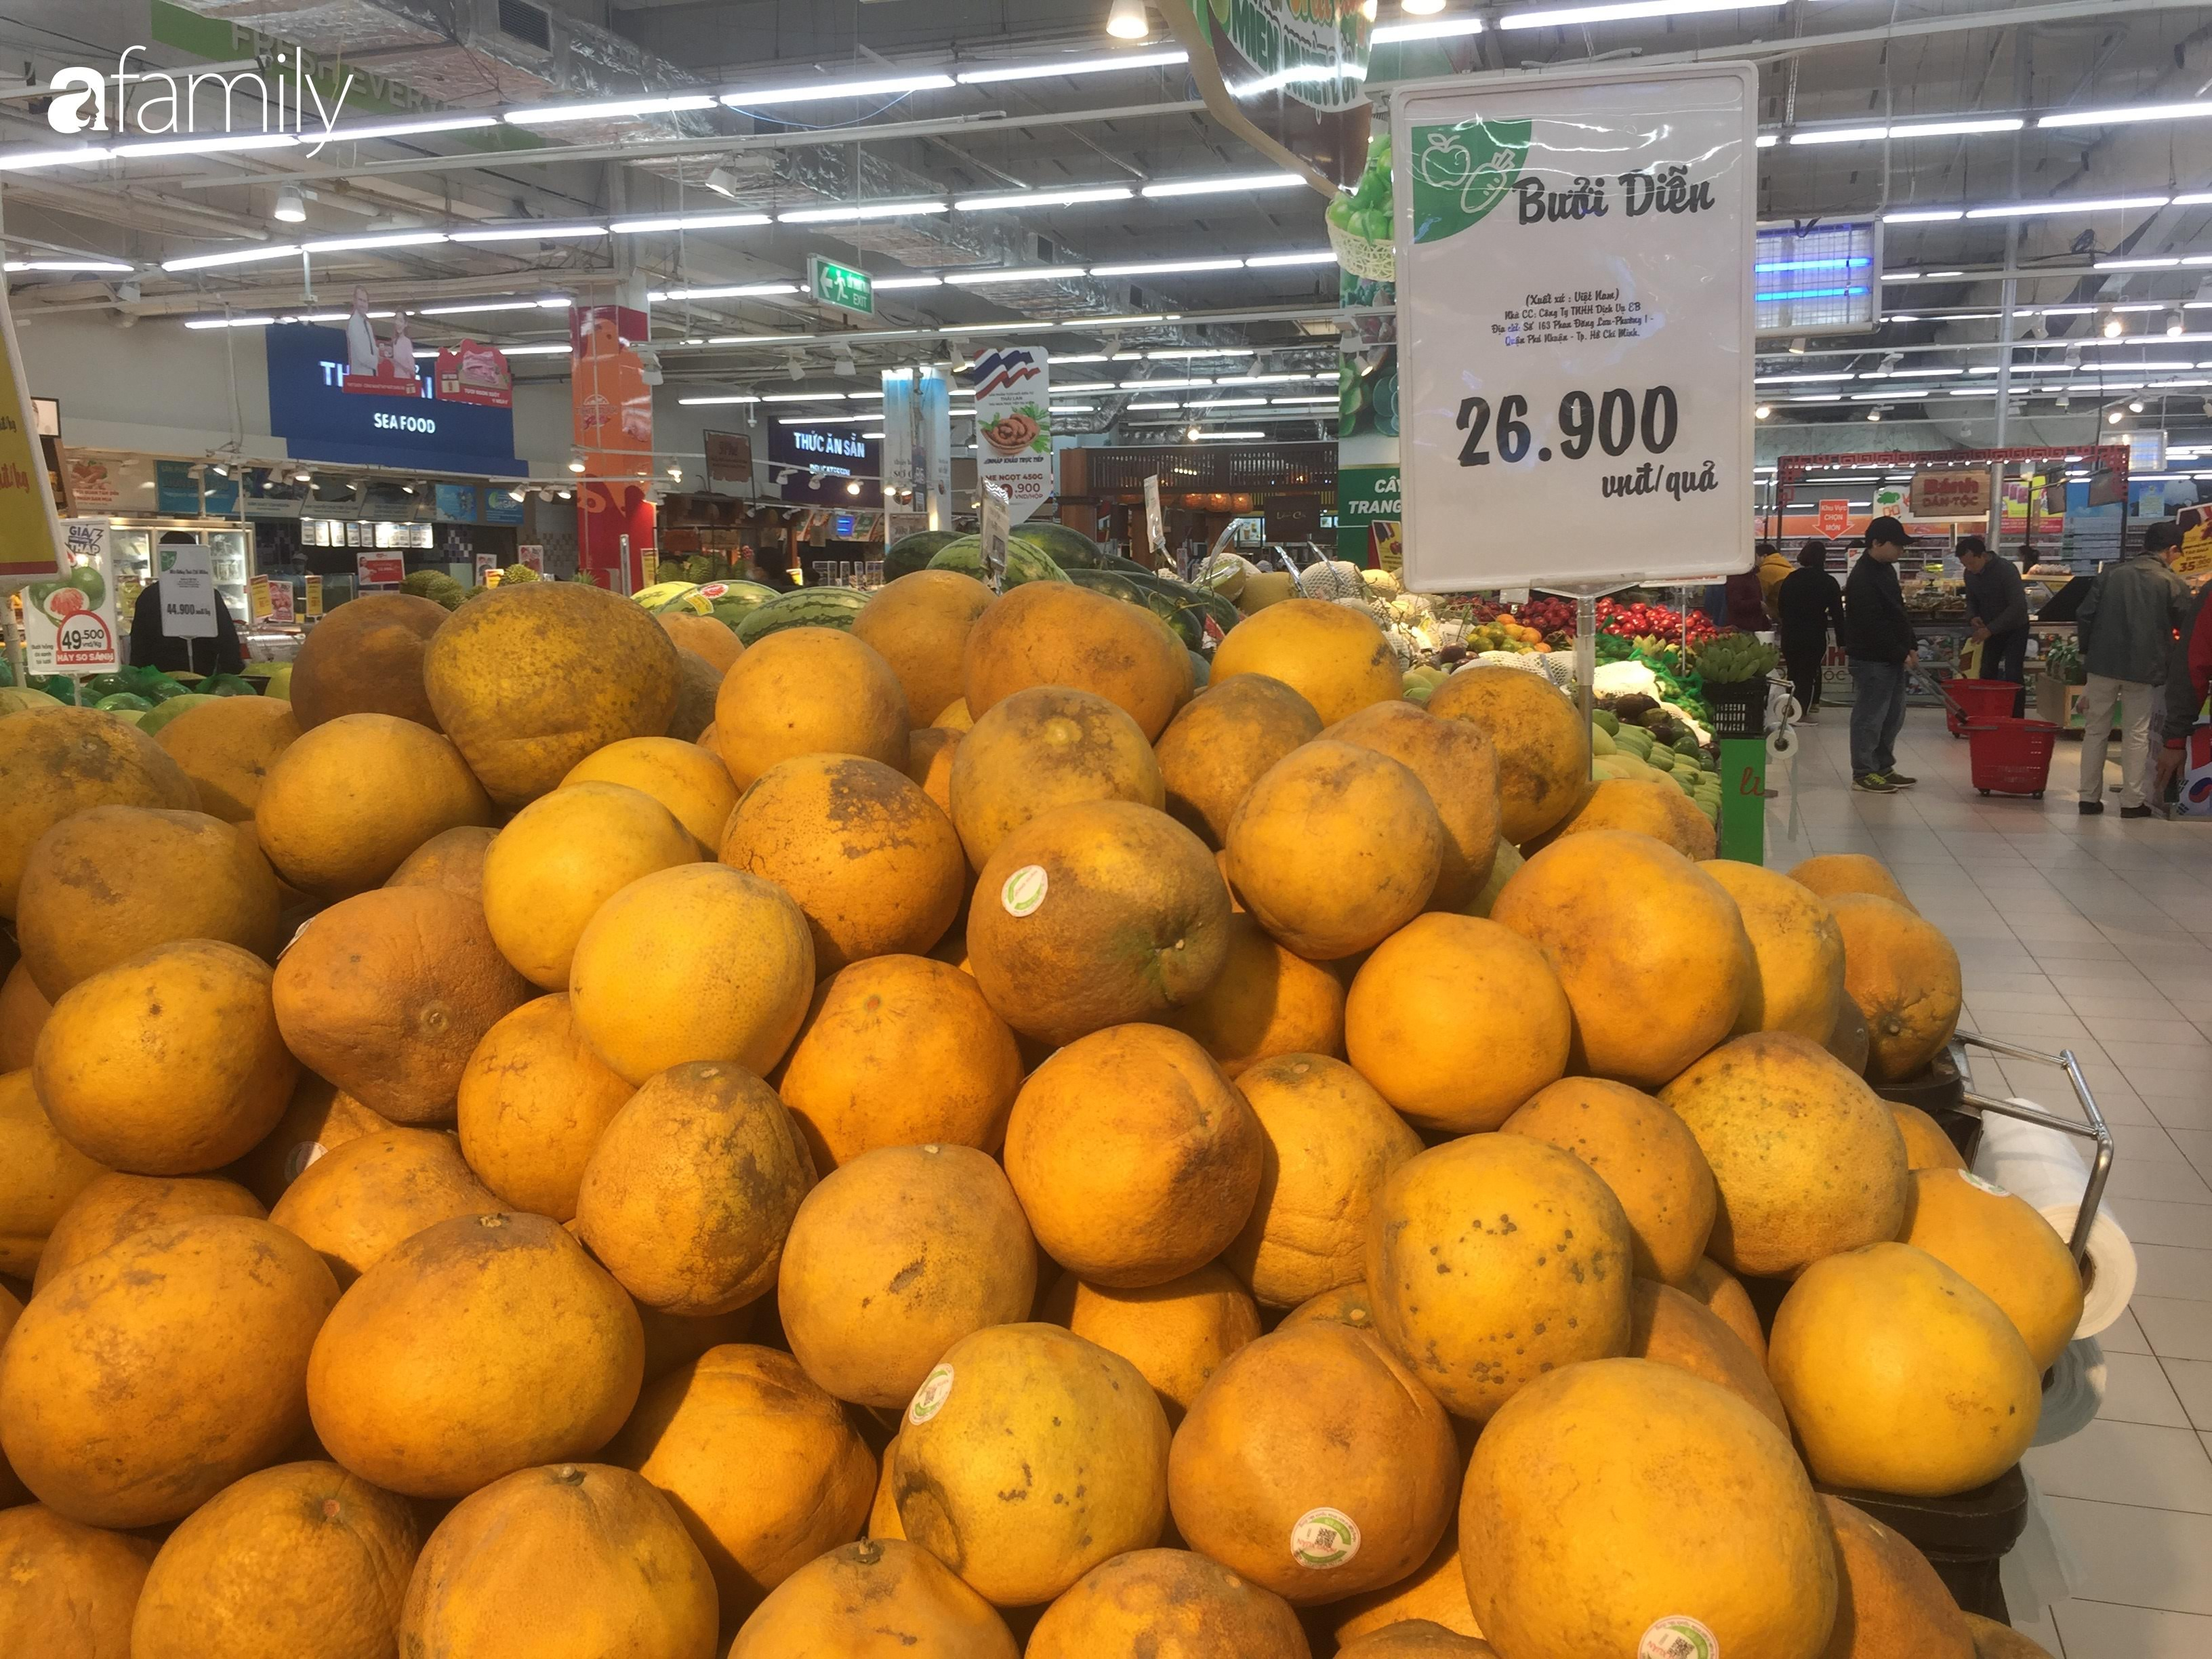 Giá ho quả trong siêu thị rẻ gấp 3 lần so với thời điểm trước Tết, dư hấu còn 6.700 đồng/kg - Ảnh 9.